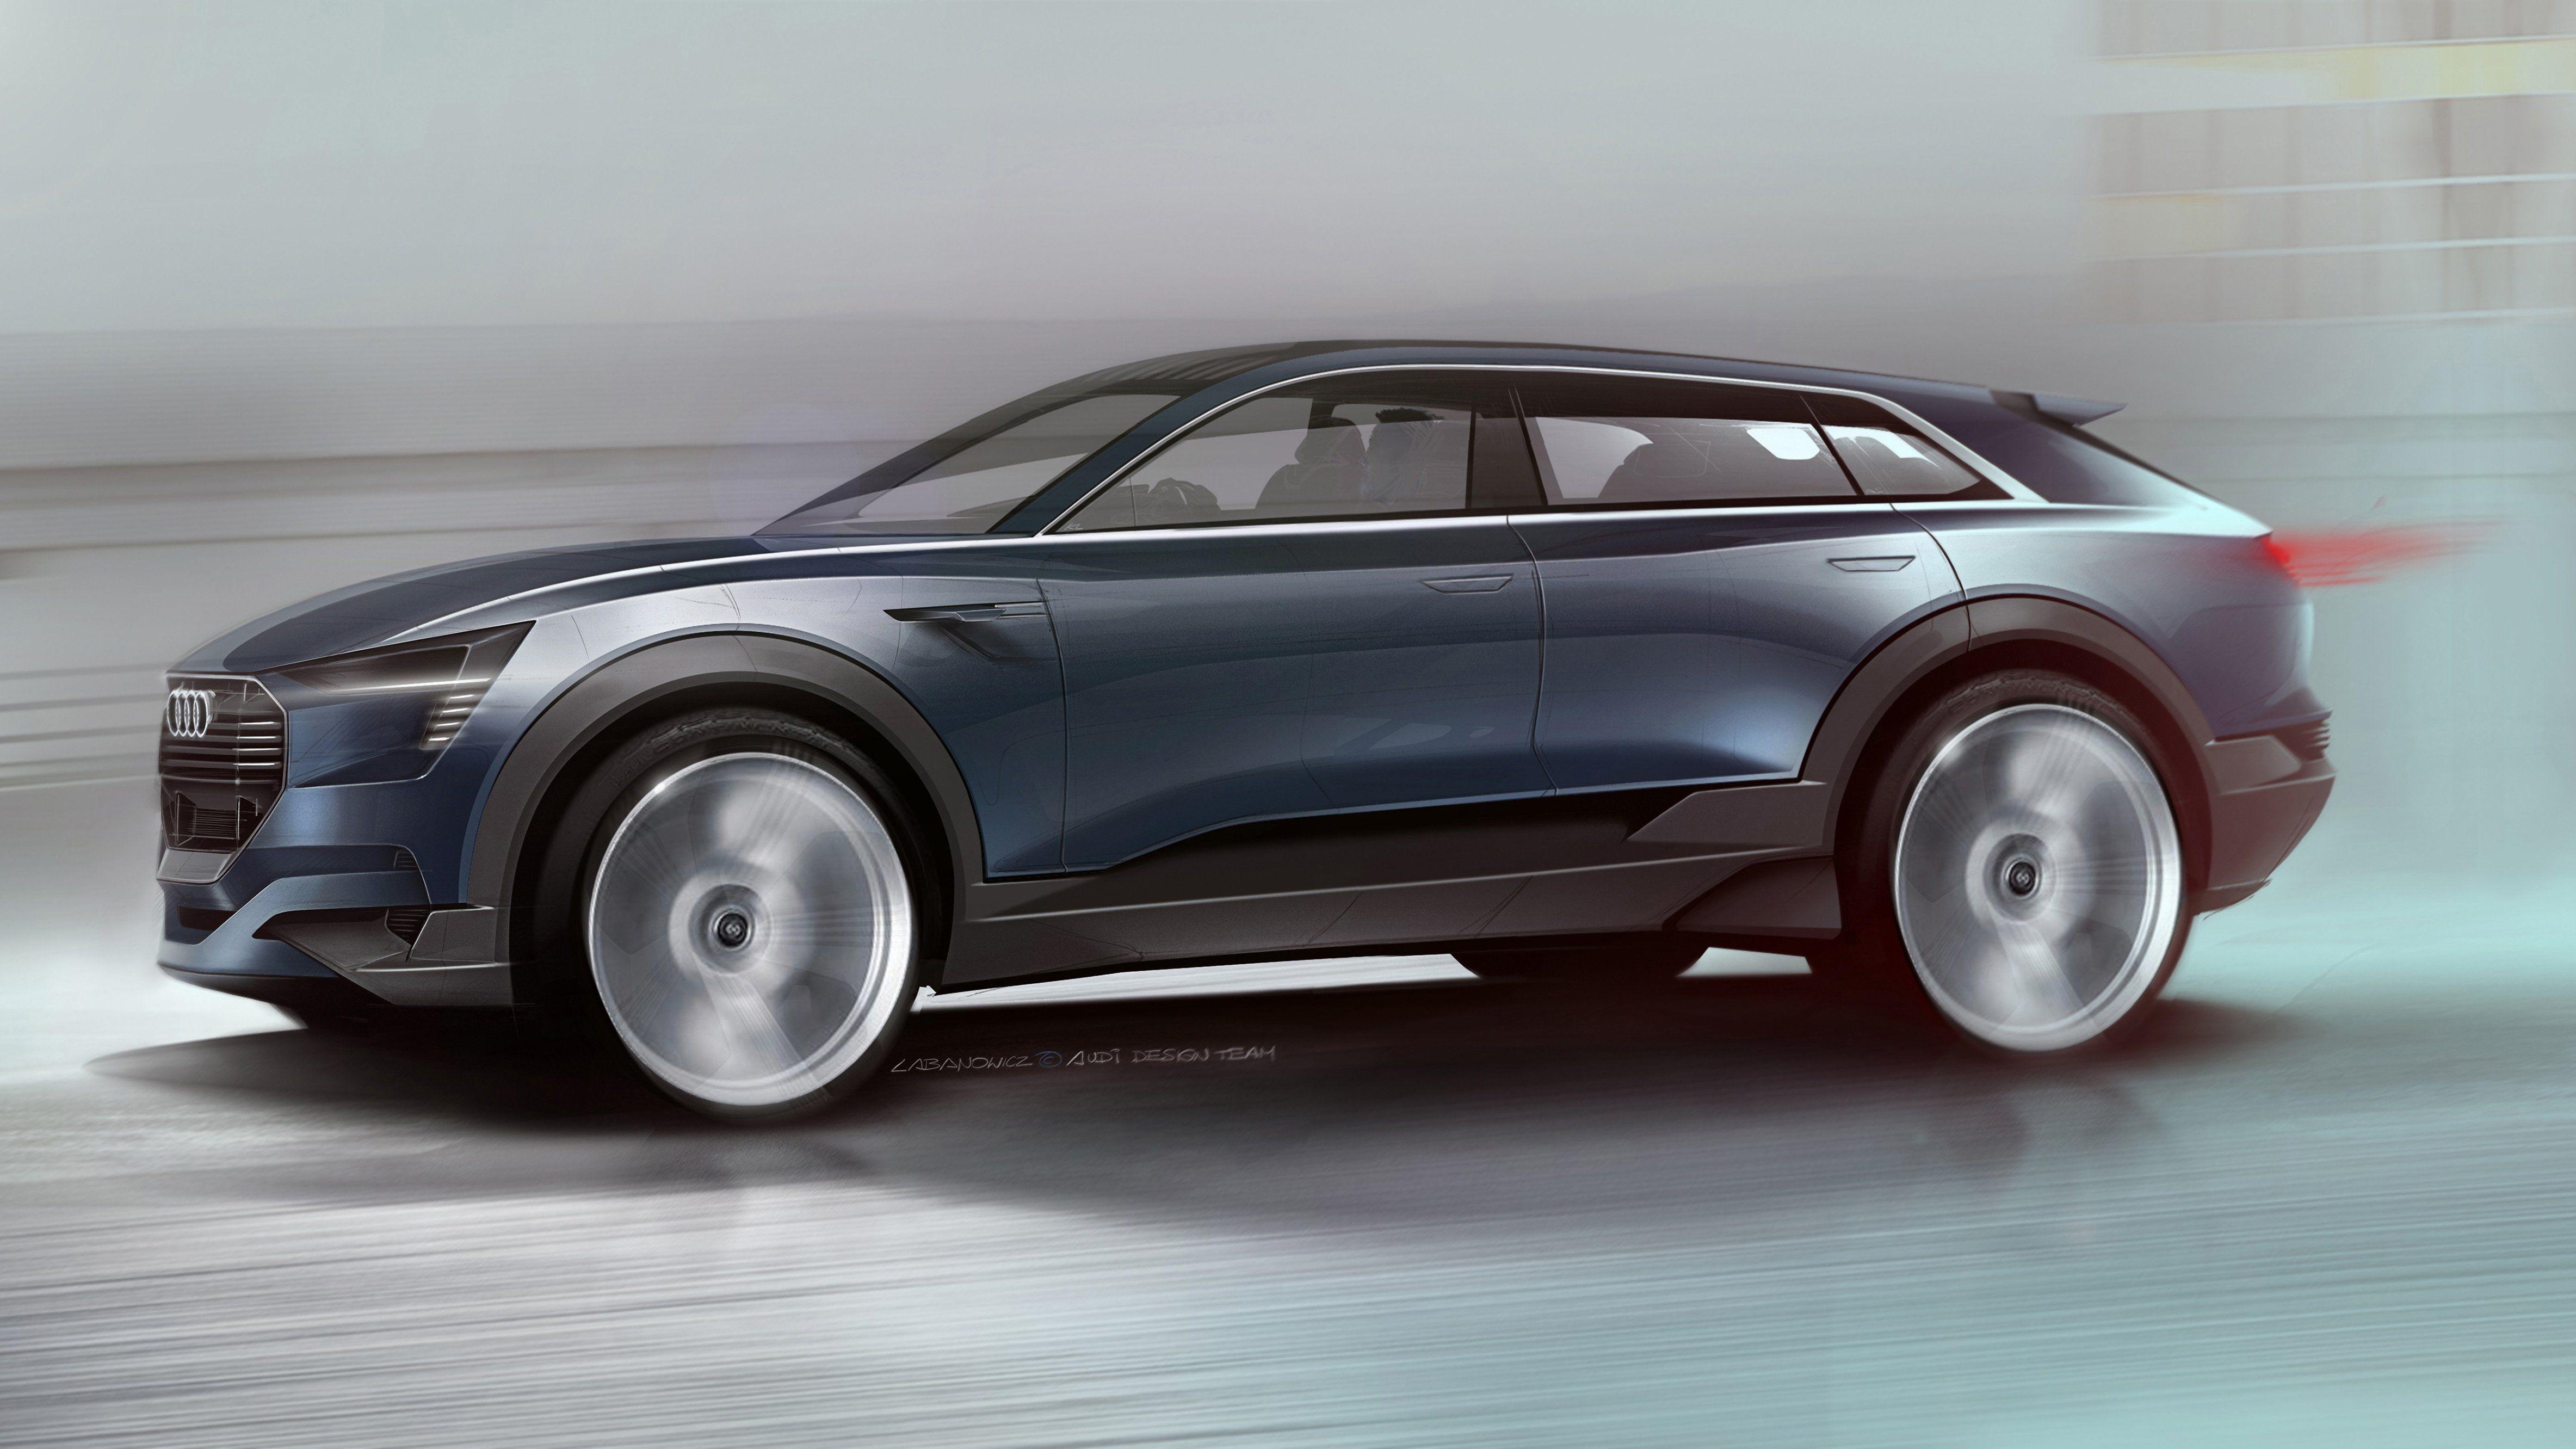 audi annonce une autonomie de 500 km pour son futur suv lectrique l 39 usine auto. Black Bedroom Furniture Sets. Home Design Ideas